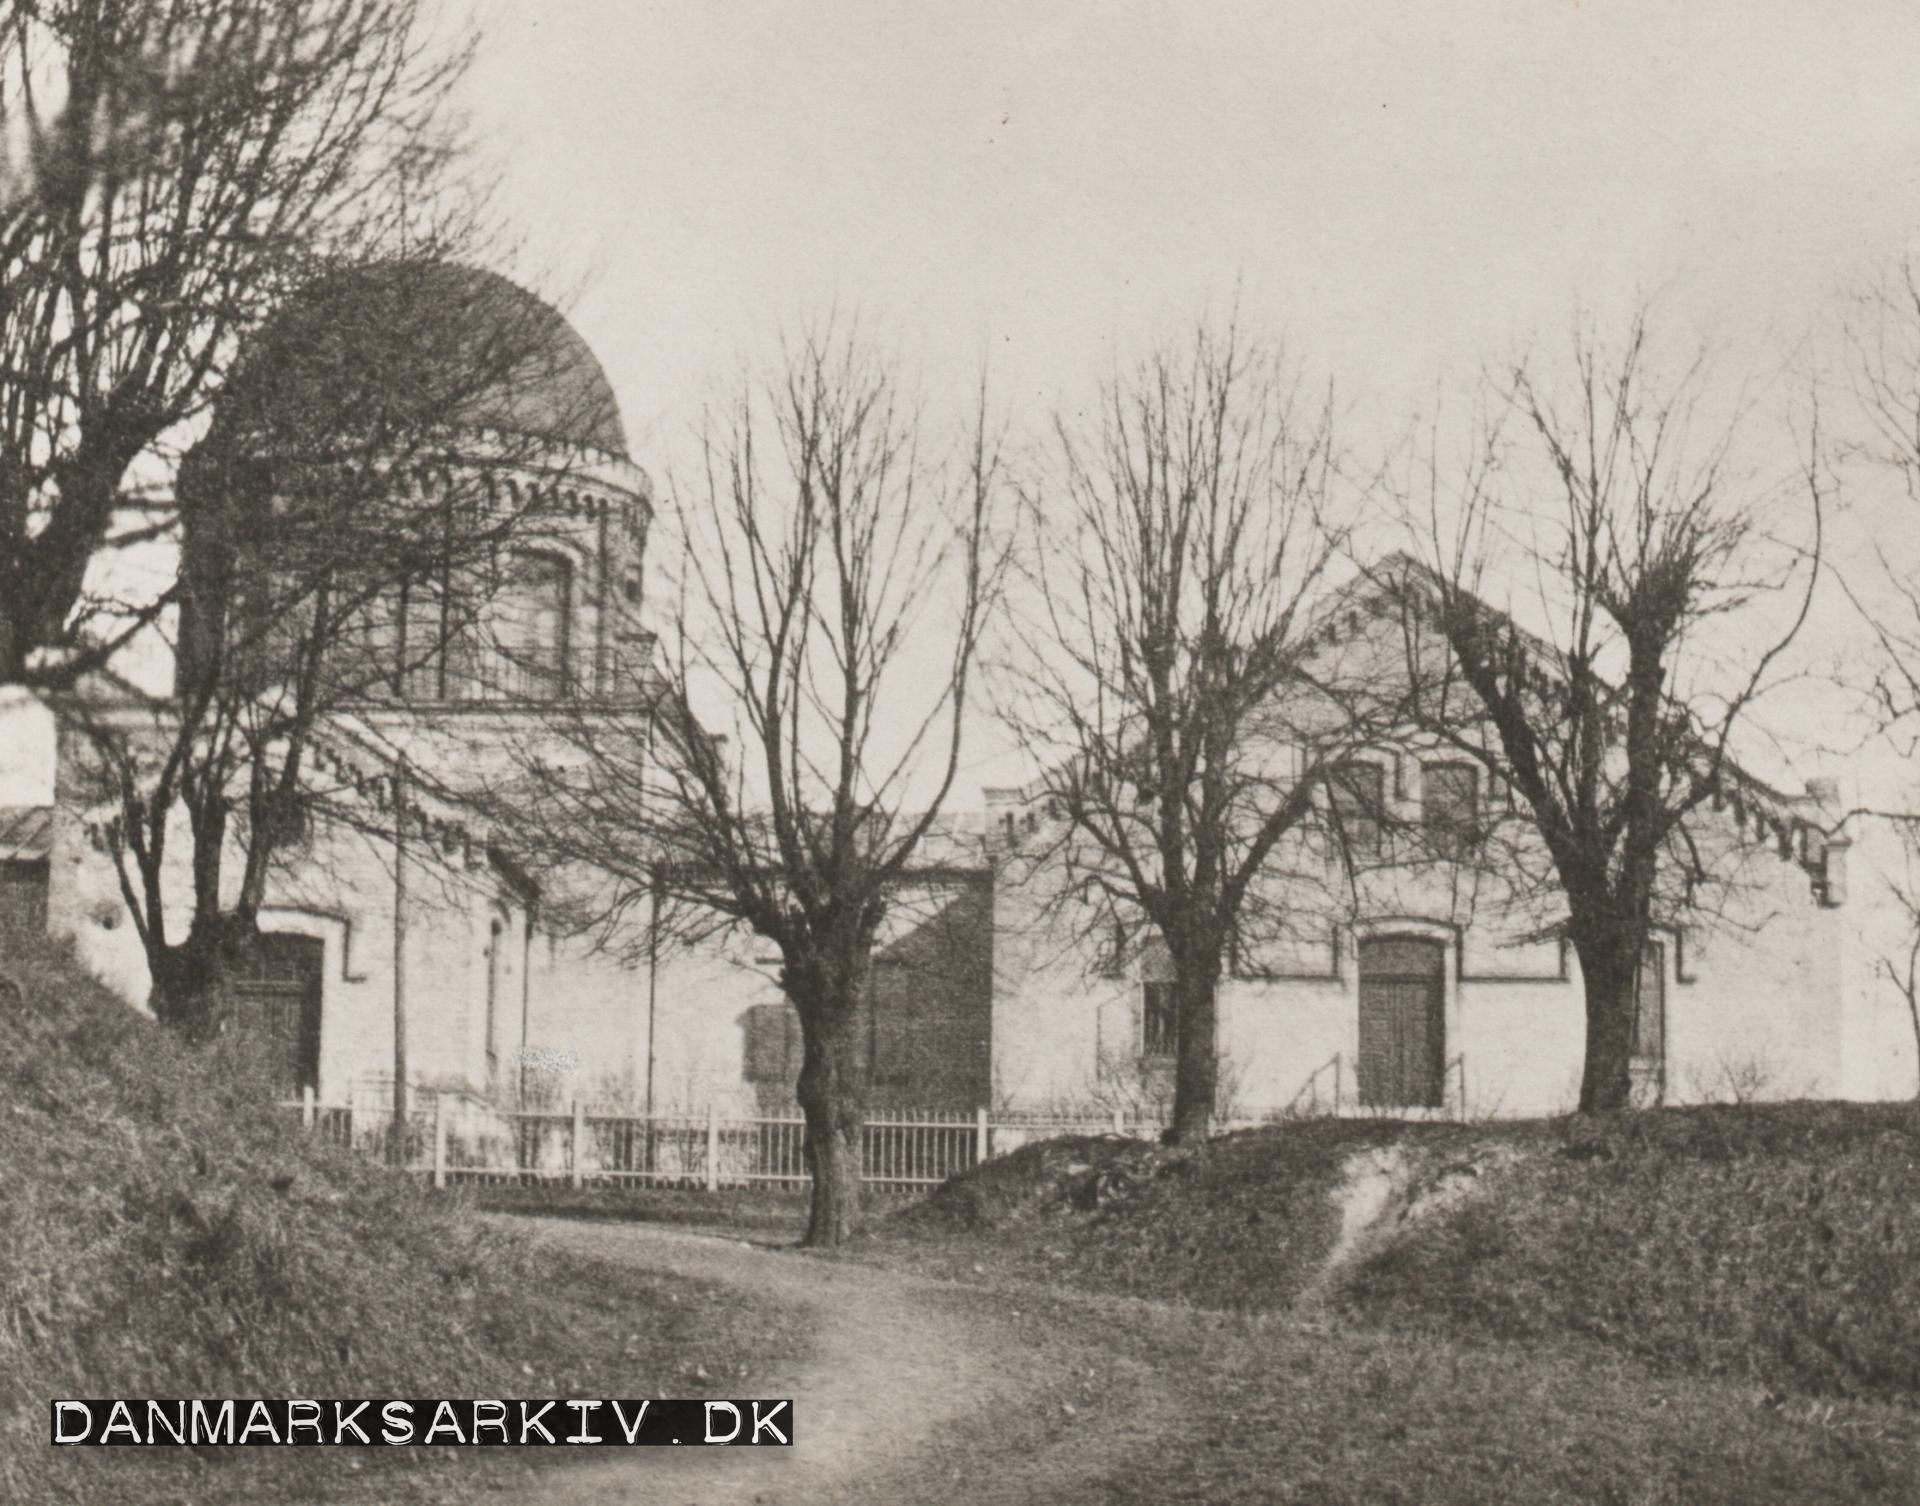 Østervold Observatorie, opført på Rosenborg Bastion, der var en del af det gamle voldanlæg - 1865